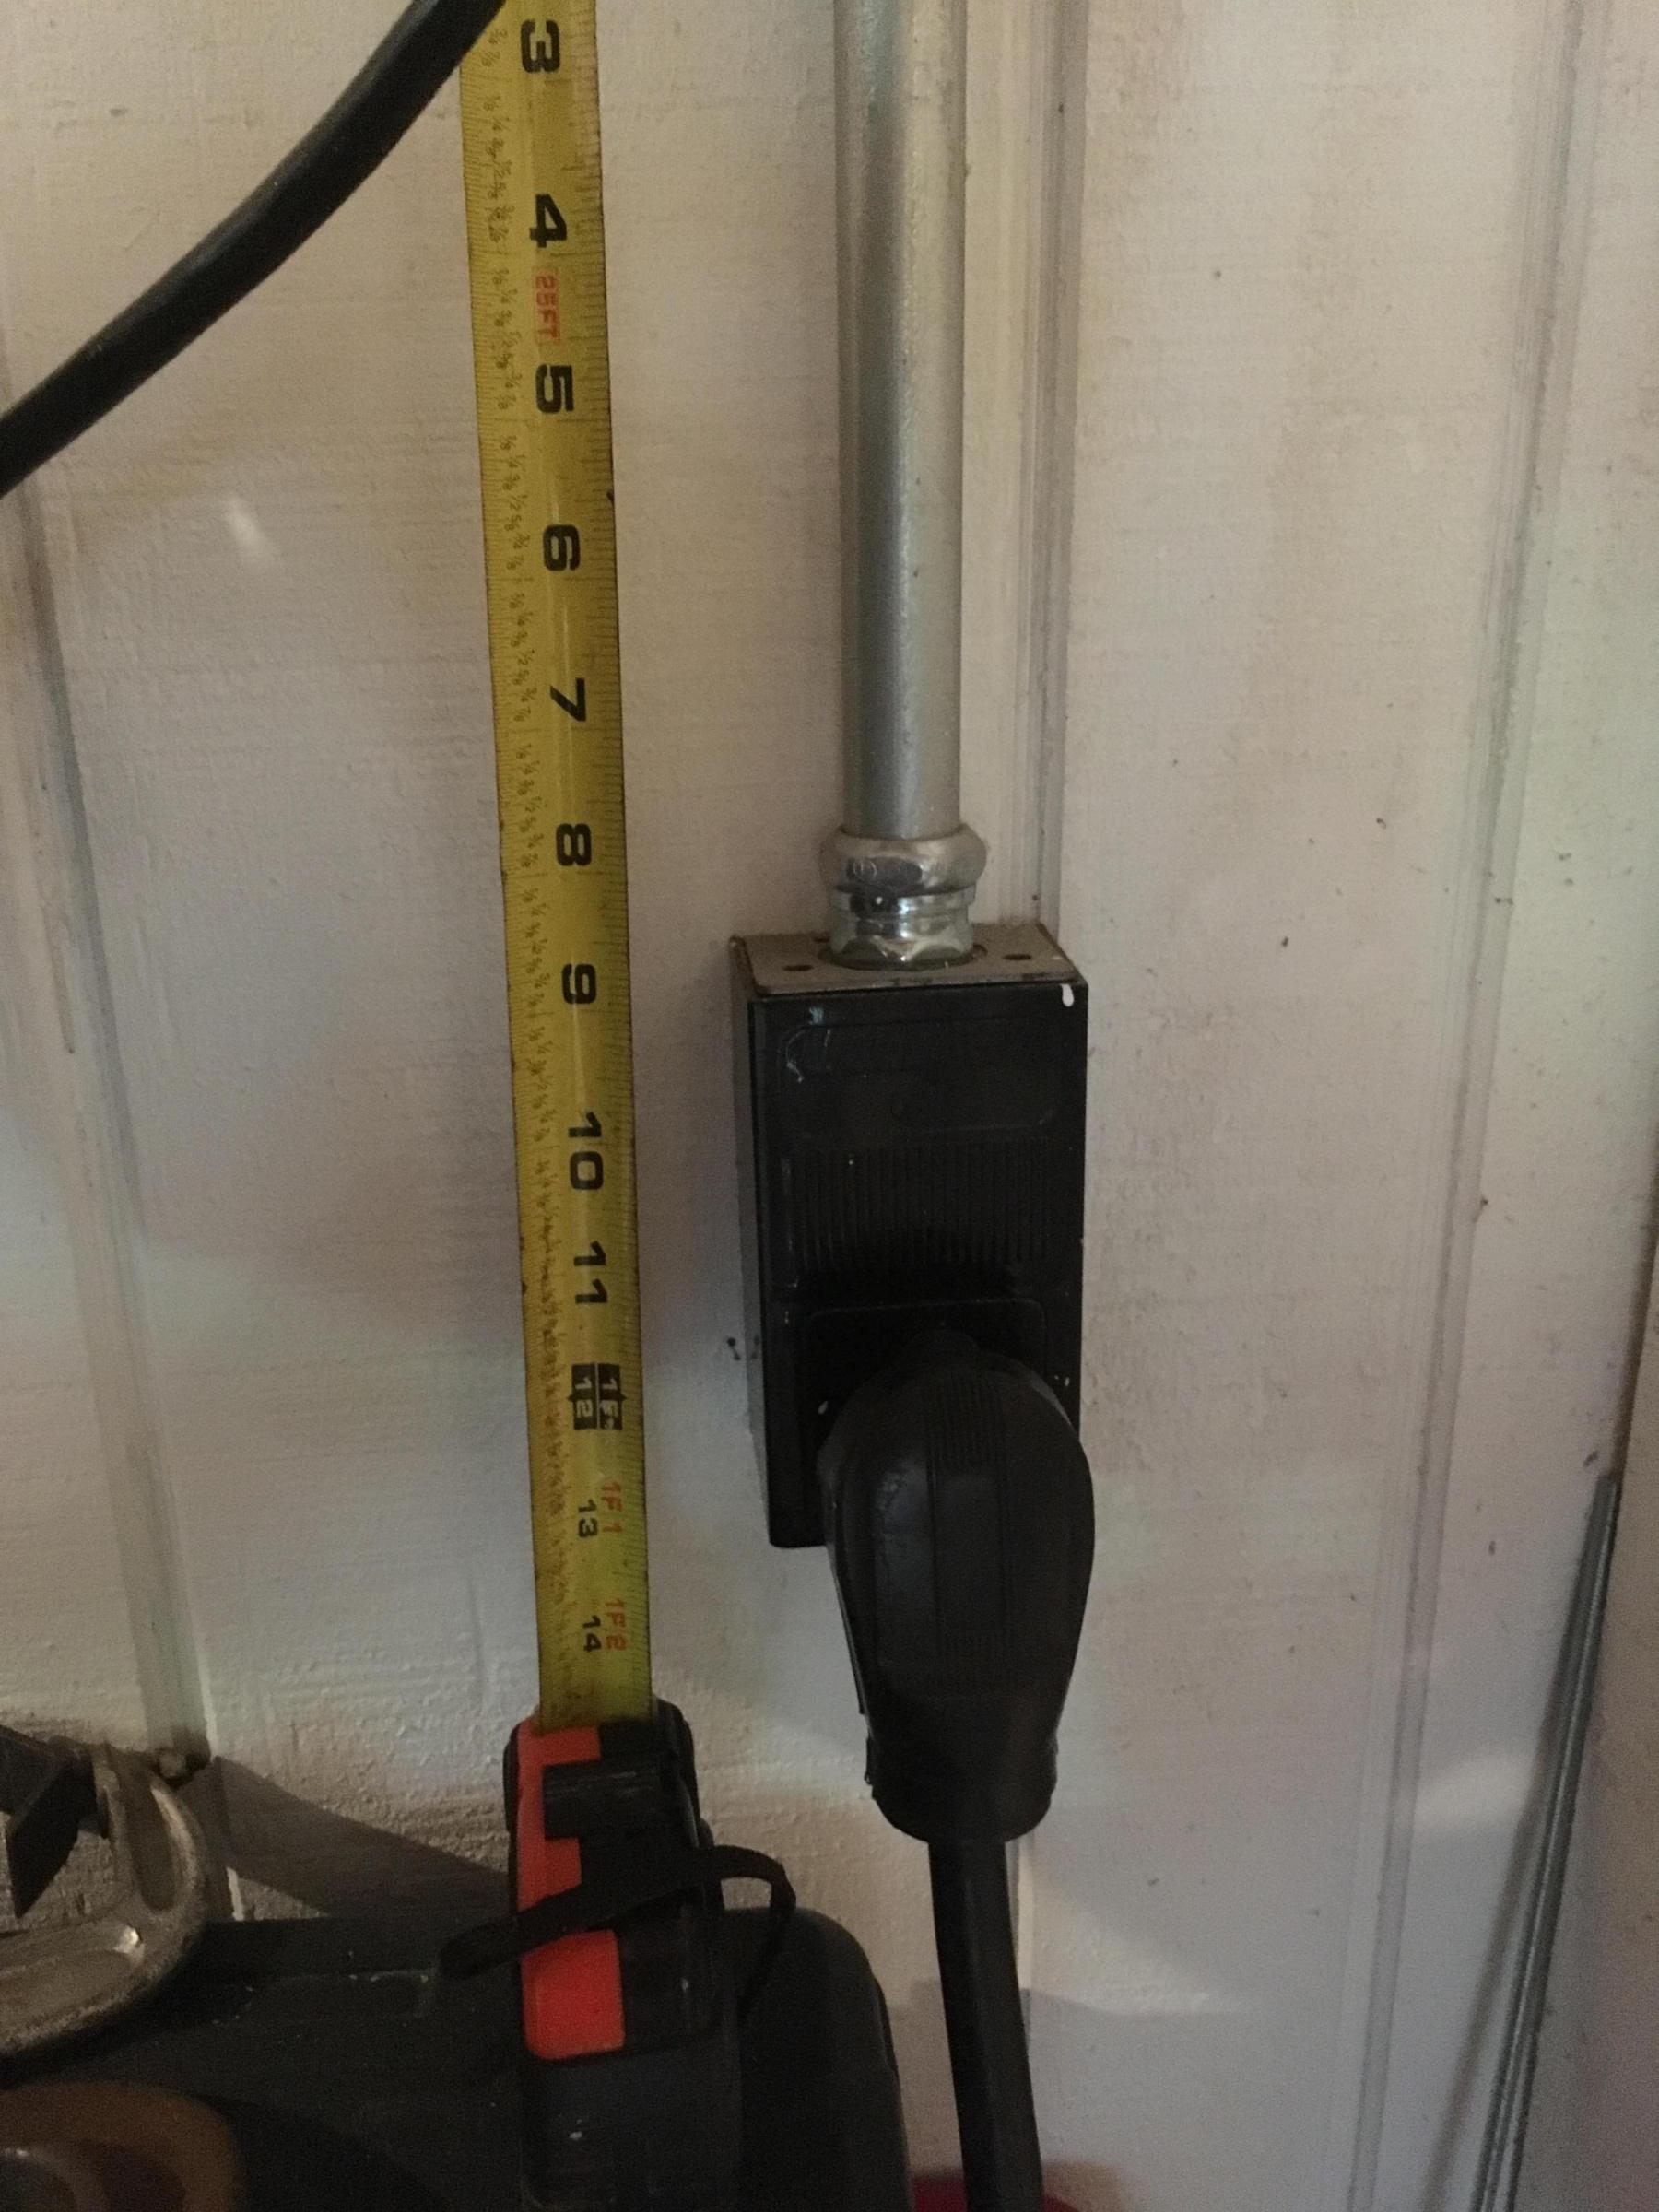 Main Garage Supply-169a8c64-2241-4d18-95c0-9ebd039ae5e1_1556288494459.jpg